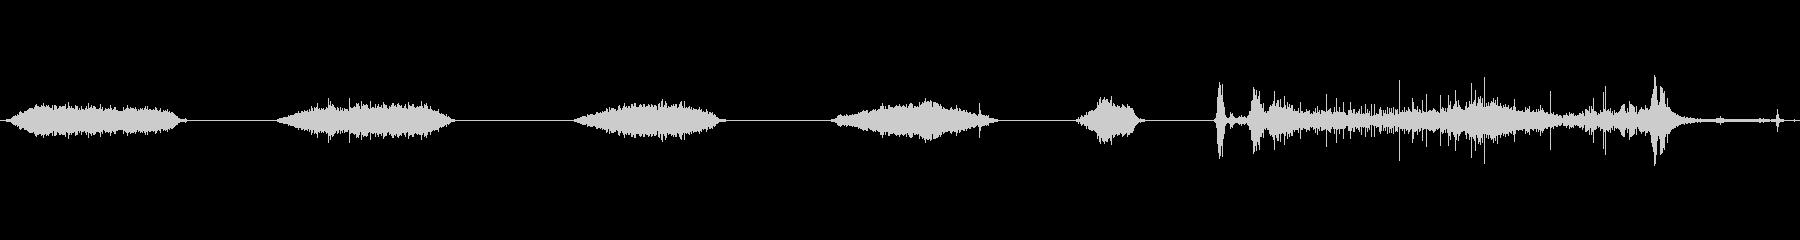 バルーンの膨張と収縮1の未再生の波形